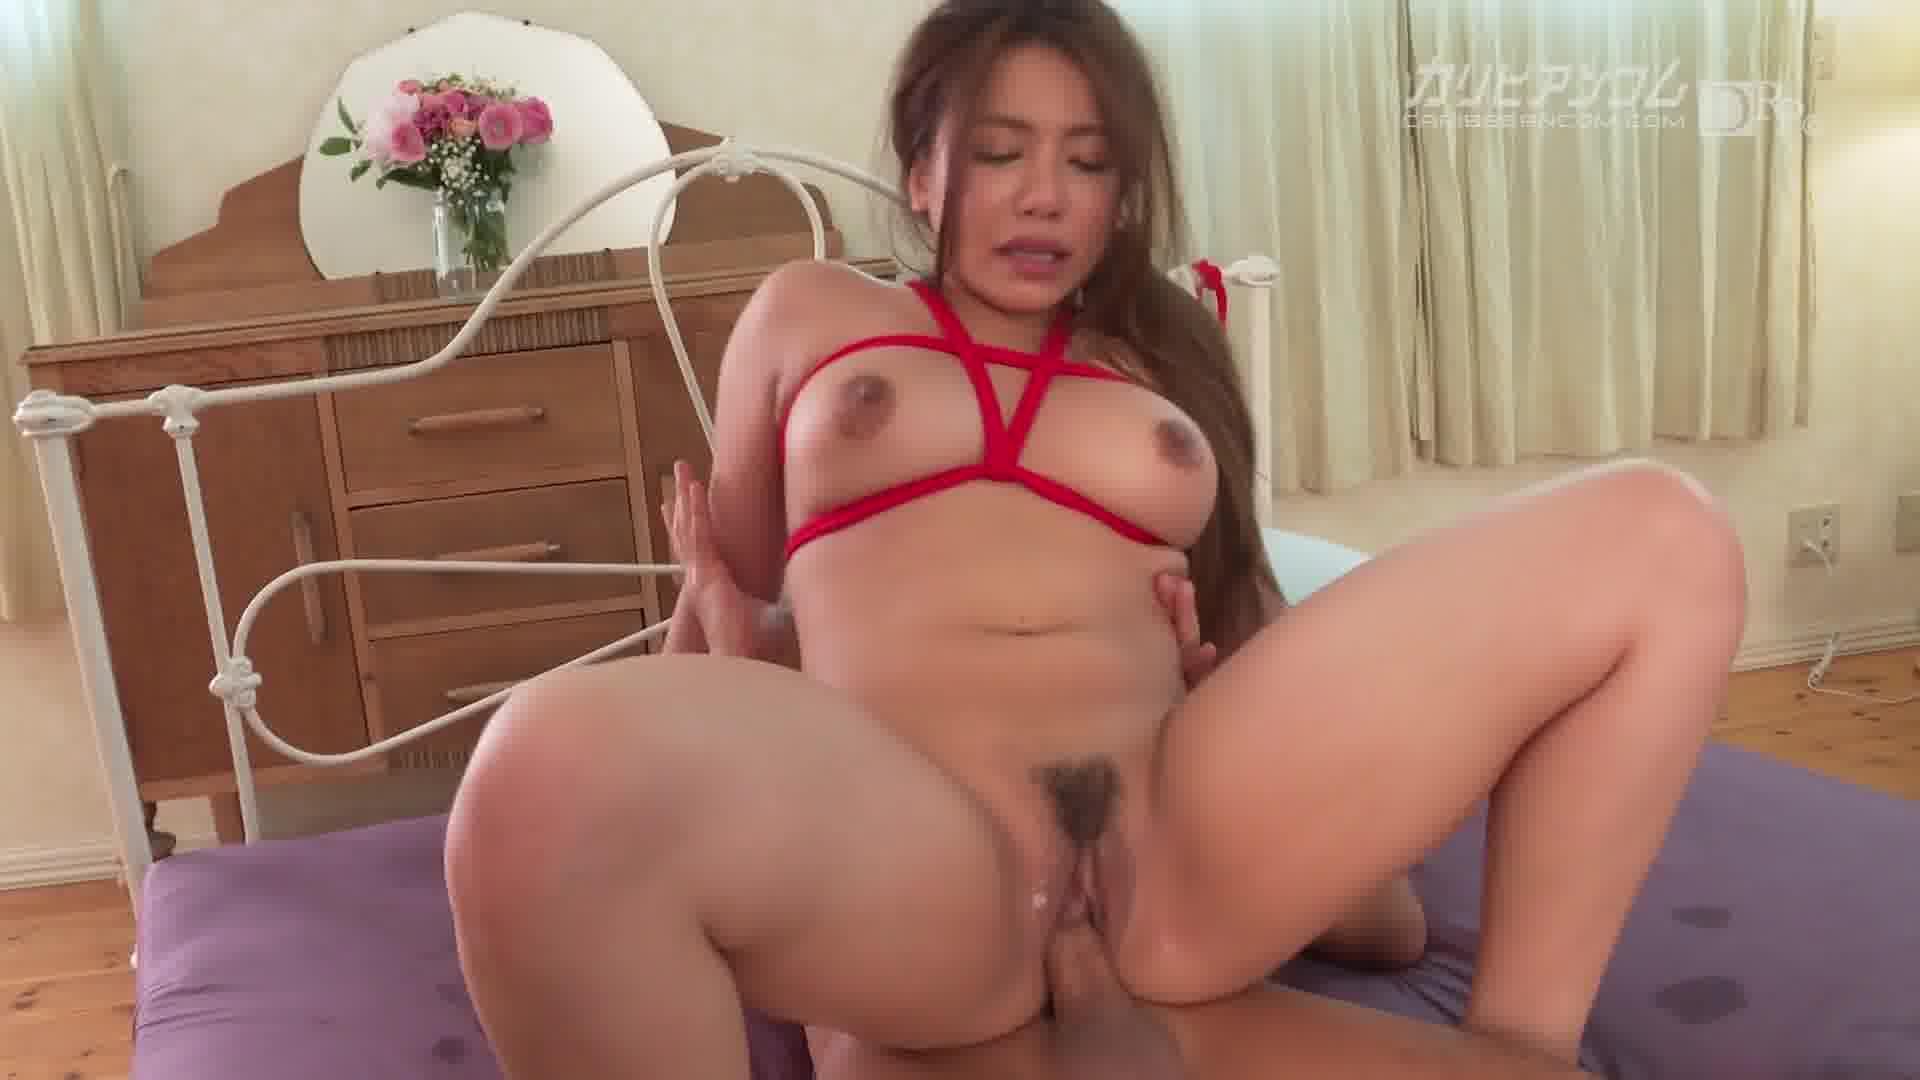 ダイナマイト 松本メイ - 松本メイ【美乳・乱交・ハード系】